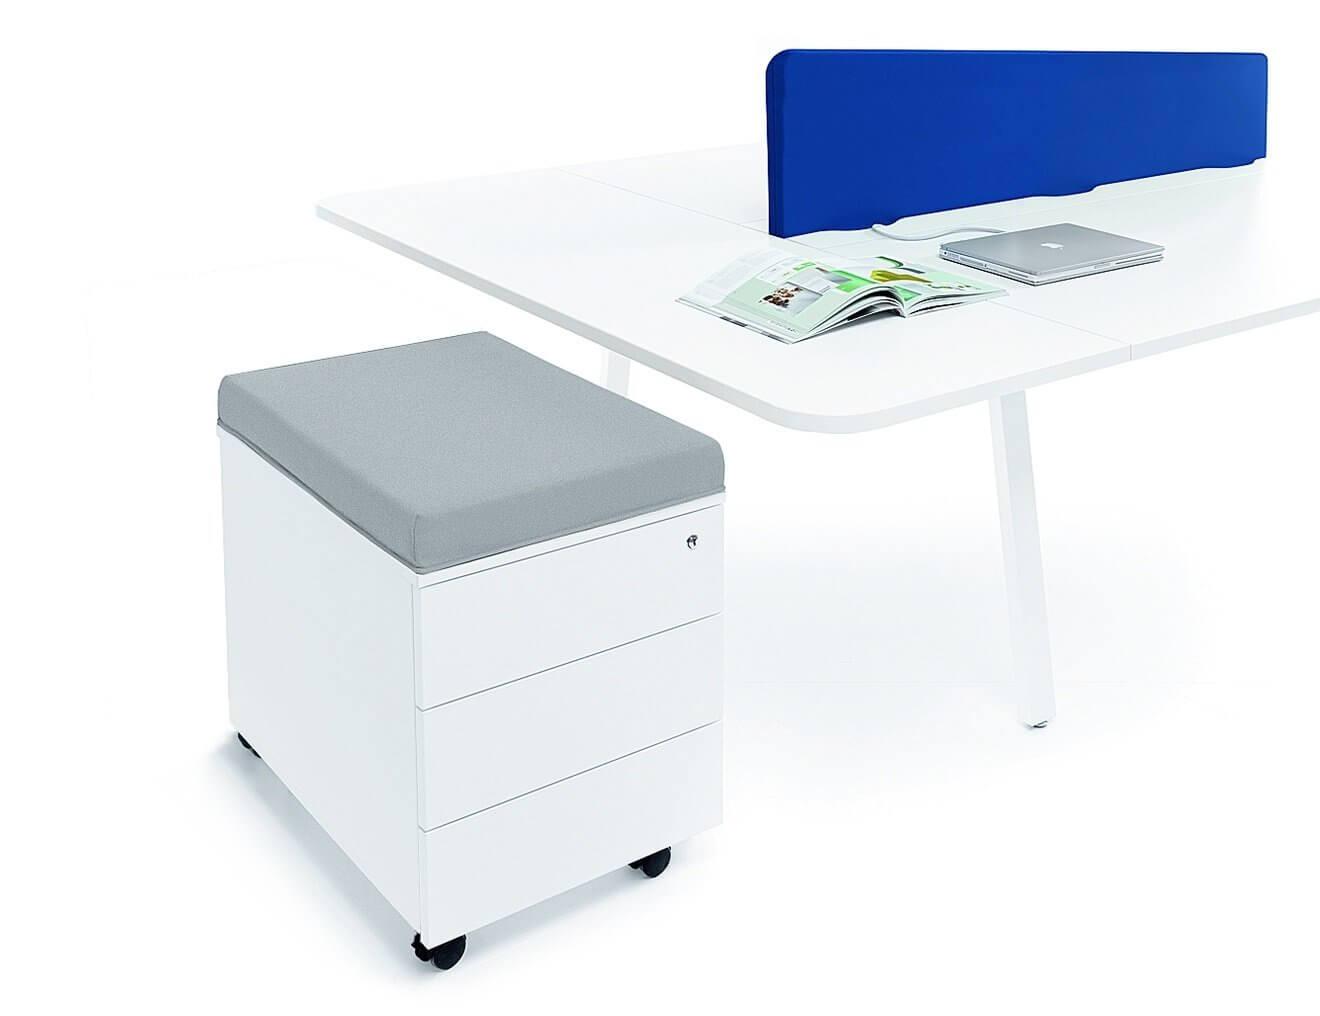 Caissonà roulettes pour bureau et espace de travail